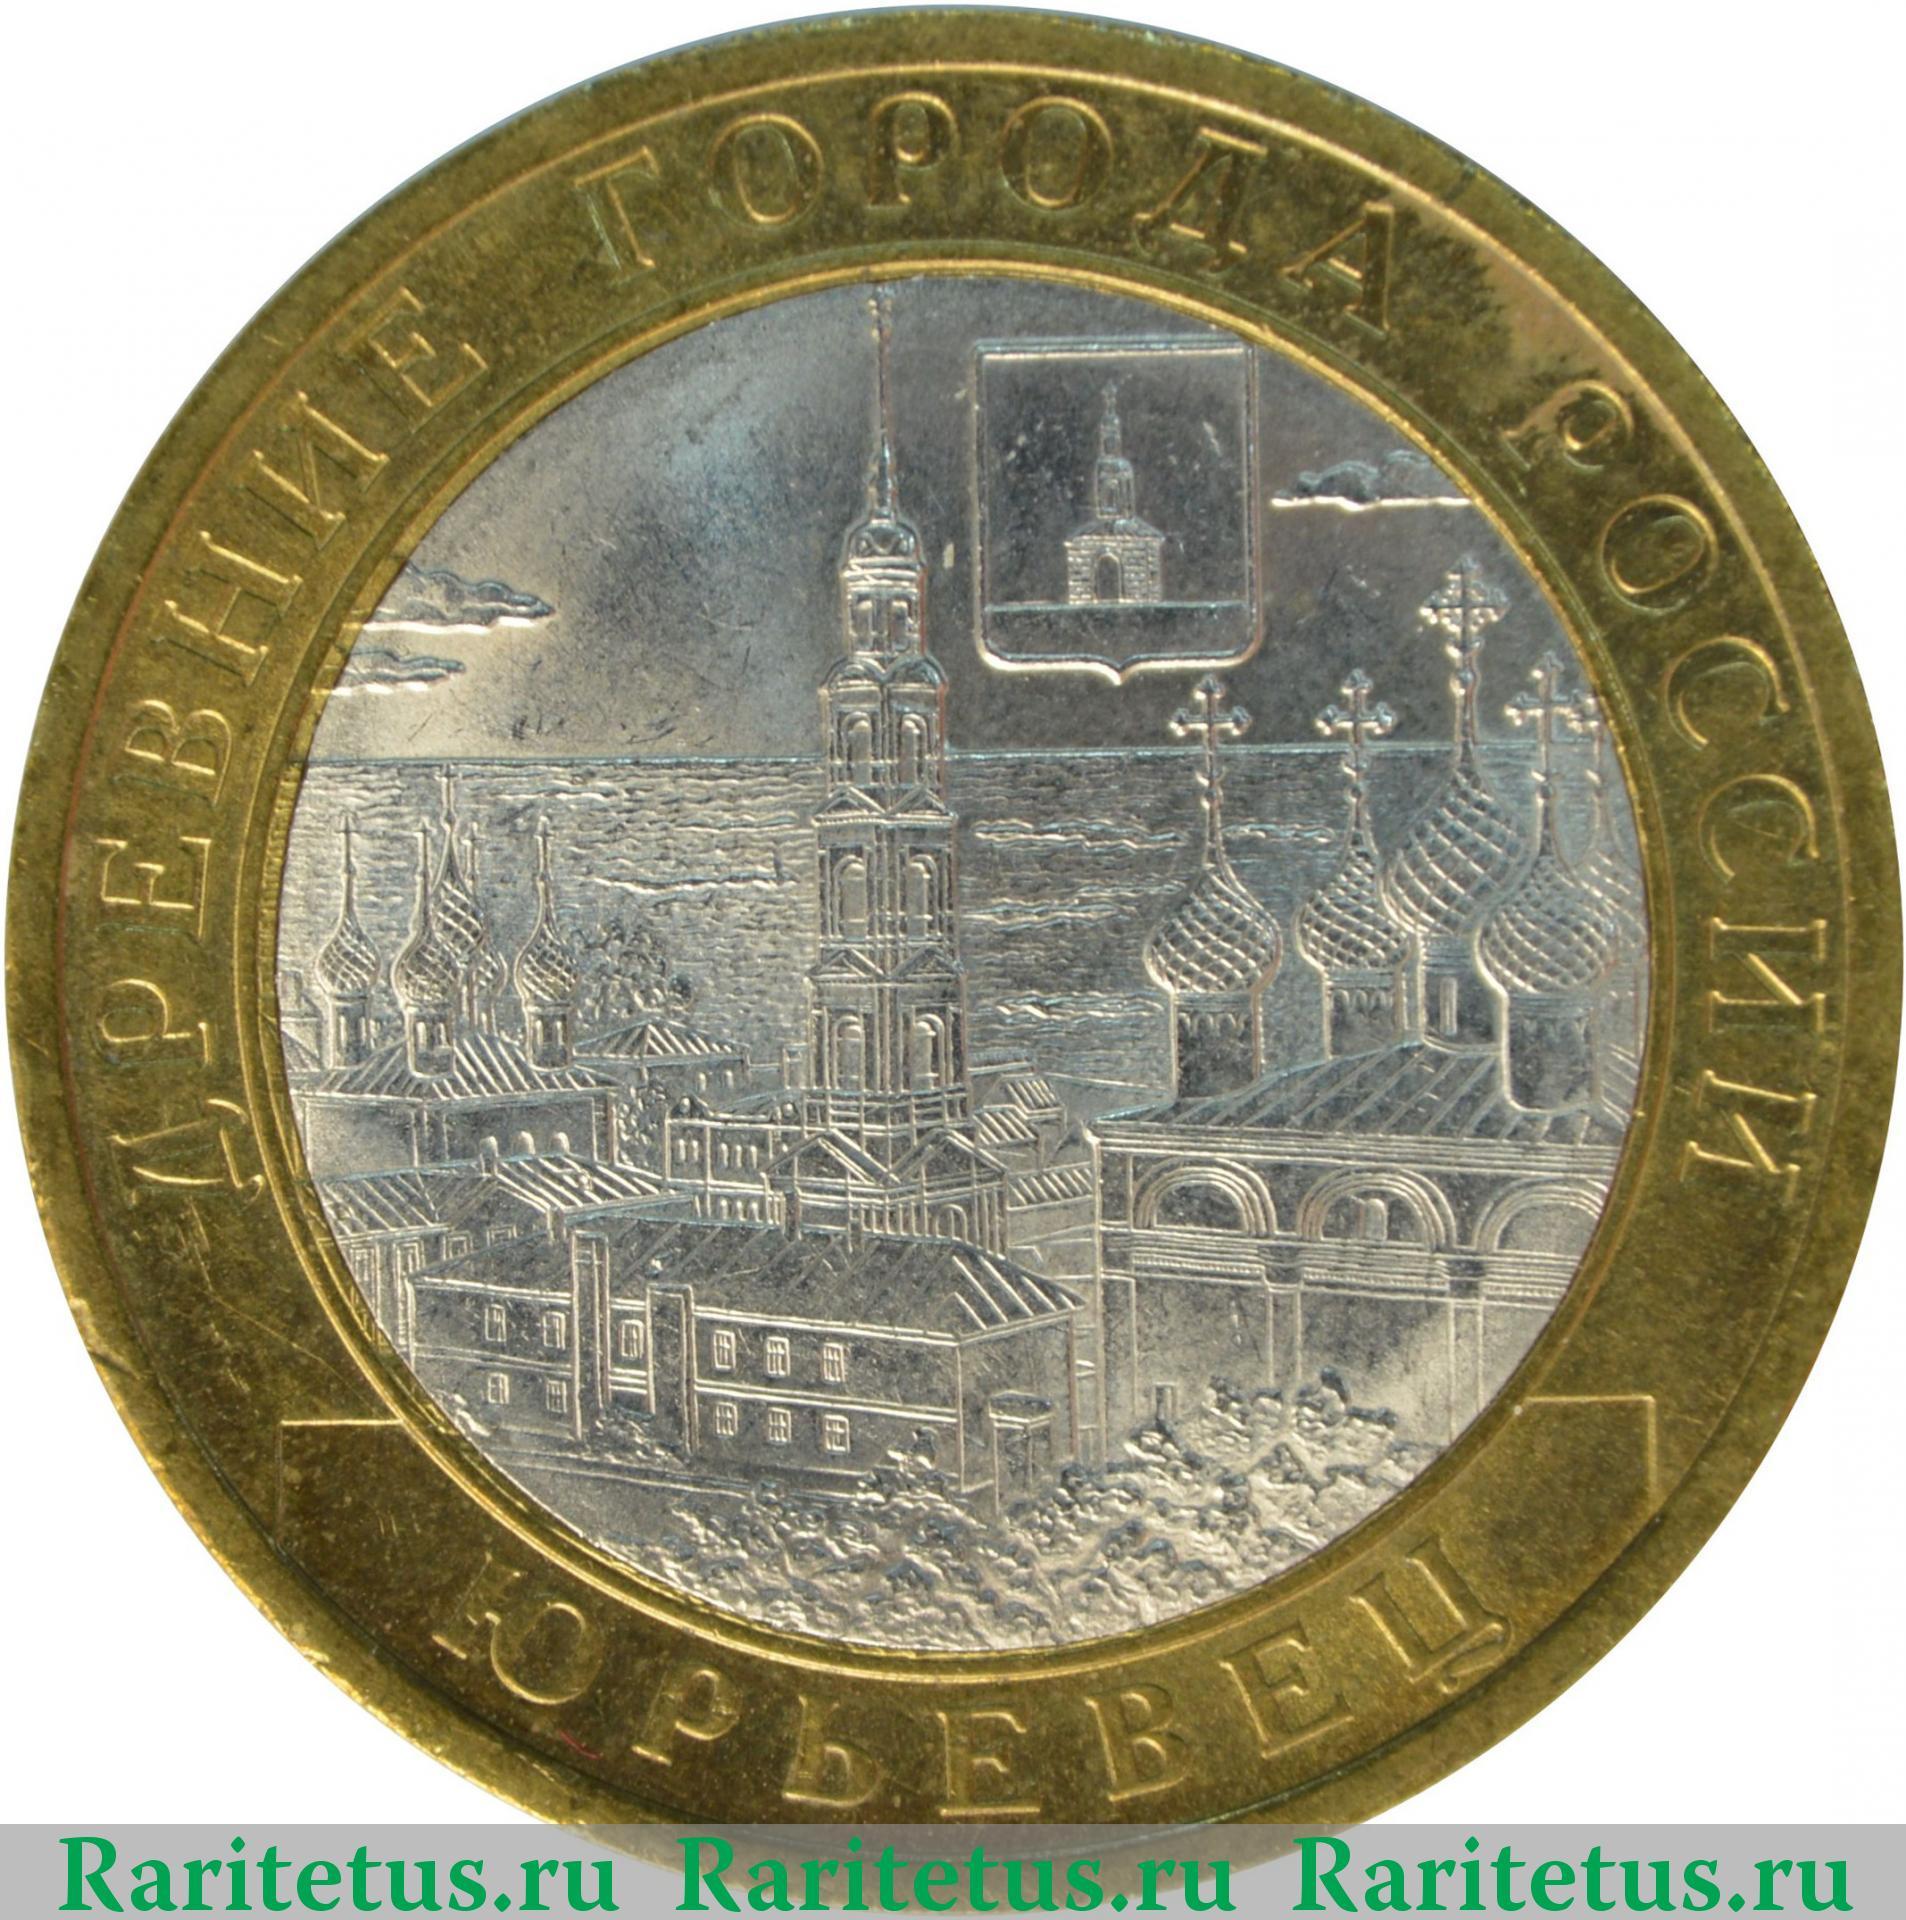 10 рублей юрьевец цена сколько стоит монта 25 копеек 2006 года